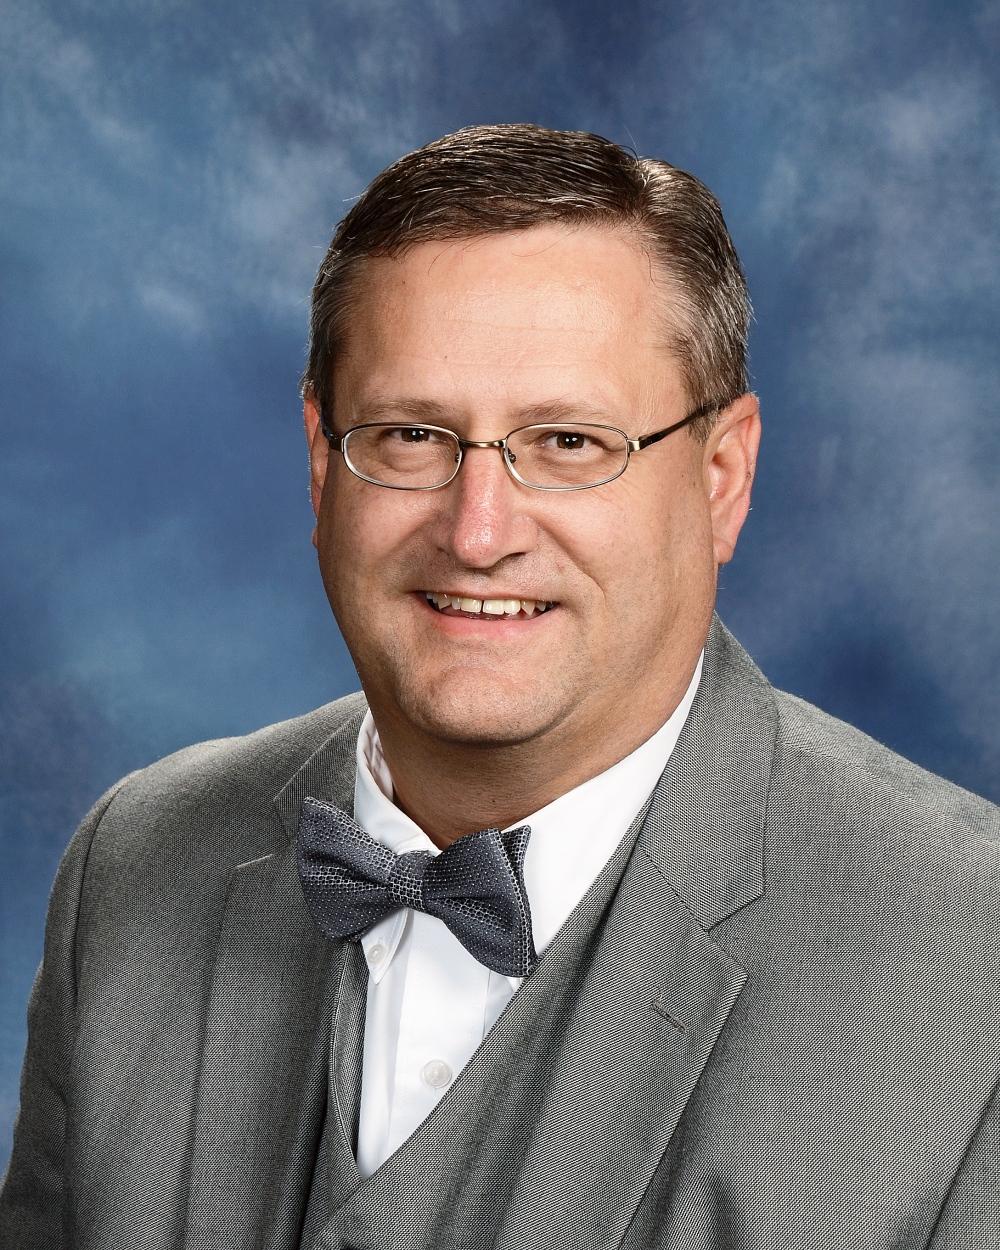 Frankie Baggett, Pastor